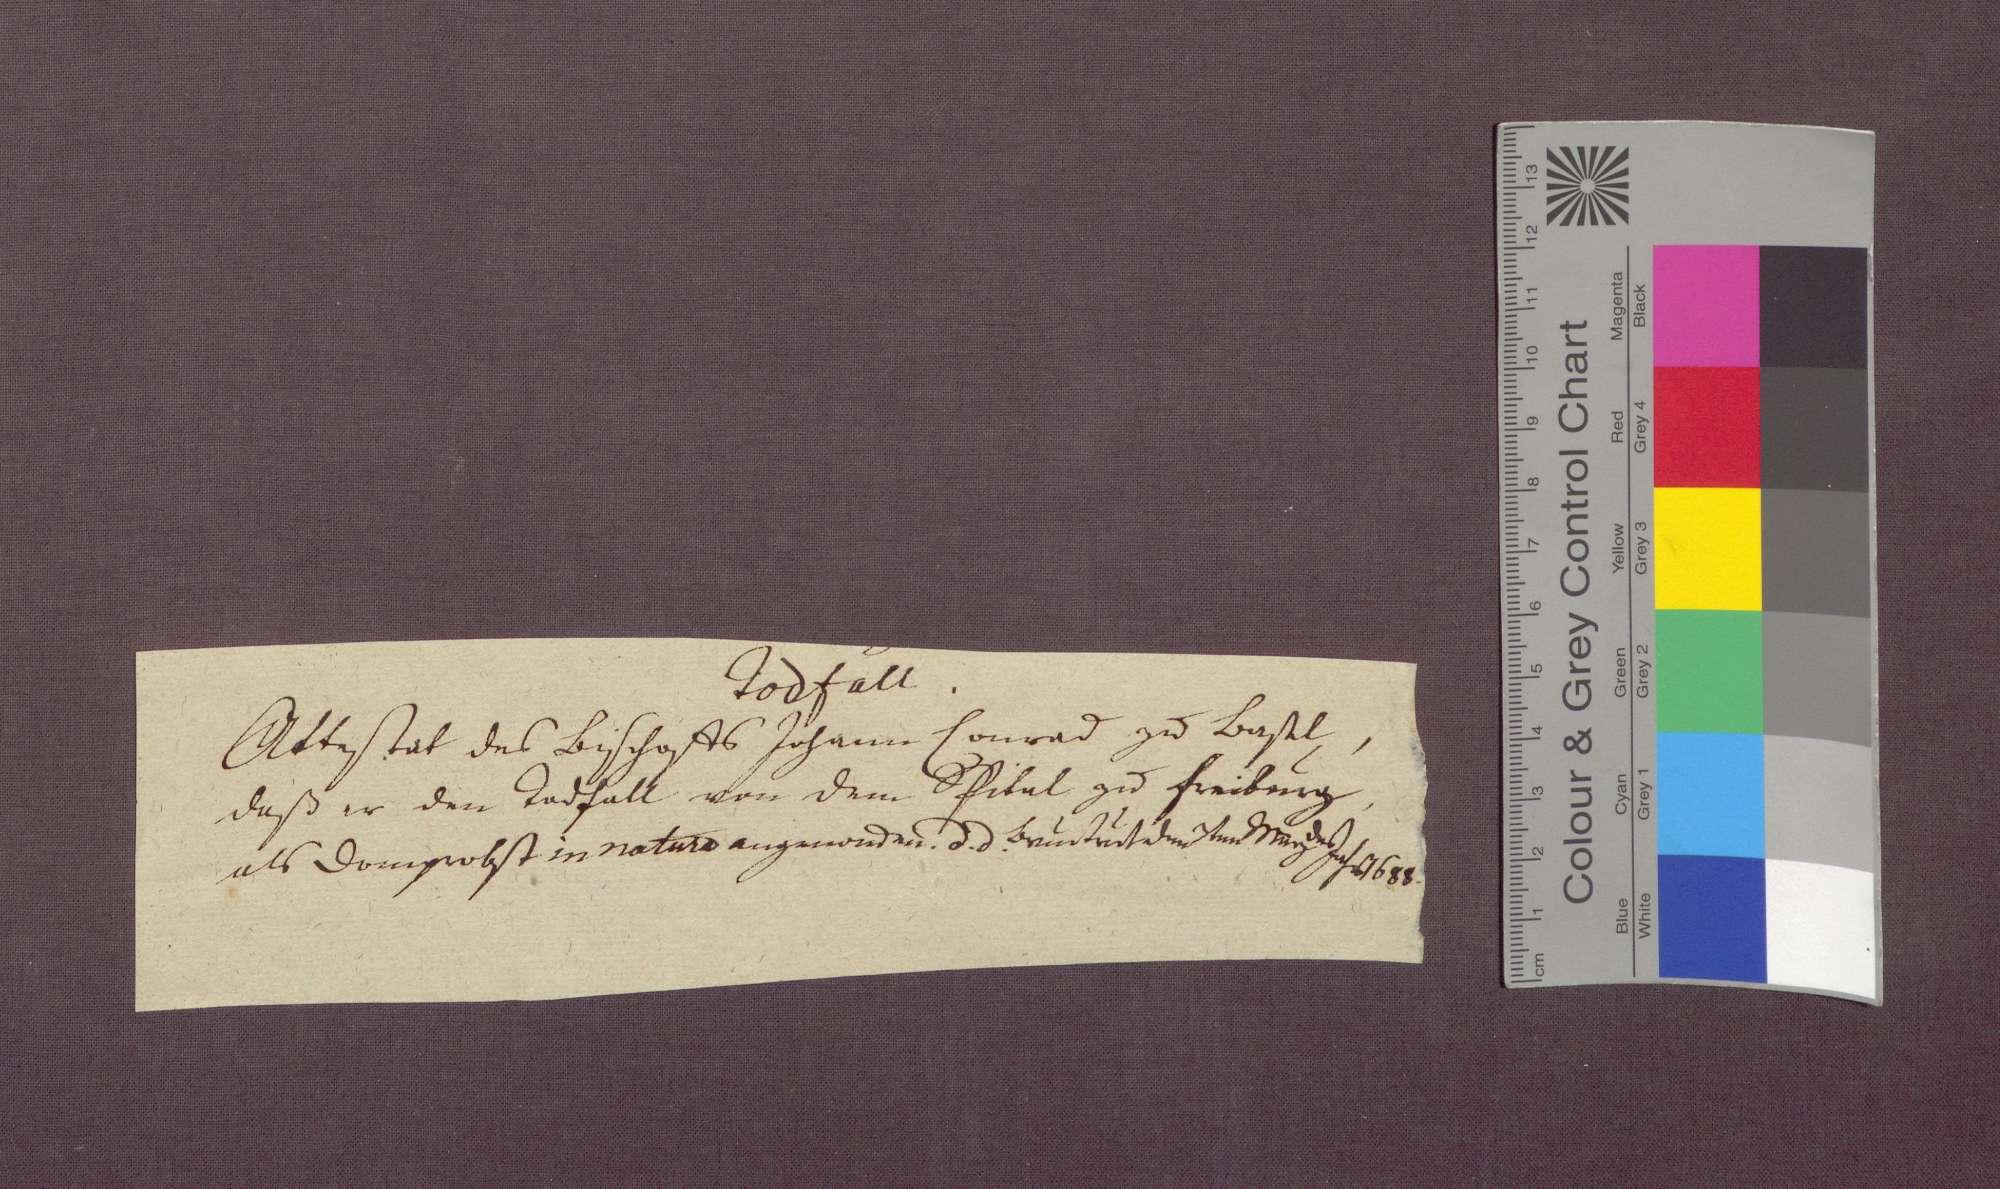 Der Basler Bischof Johann Konrad von Roggenbach bescheinigt dem Dompropst, er habe als Dompropst von dem Spital in Freiburg den Fall in Tiengen in natura genommen., Bild 2